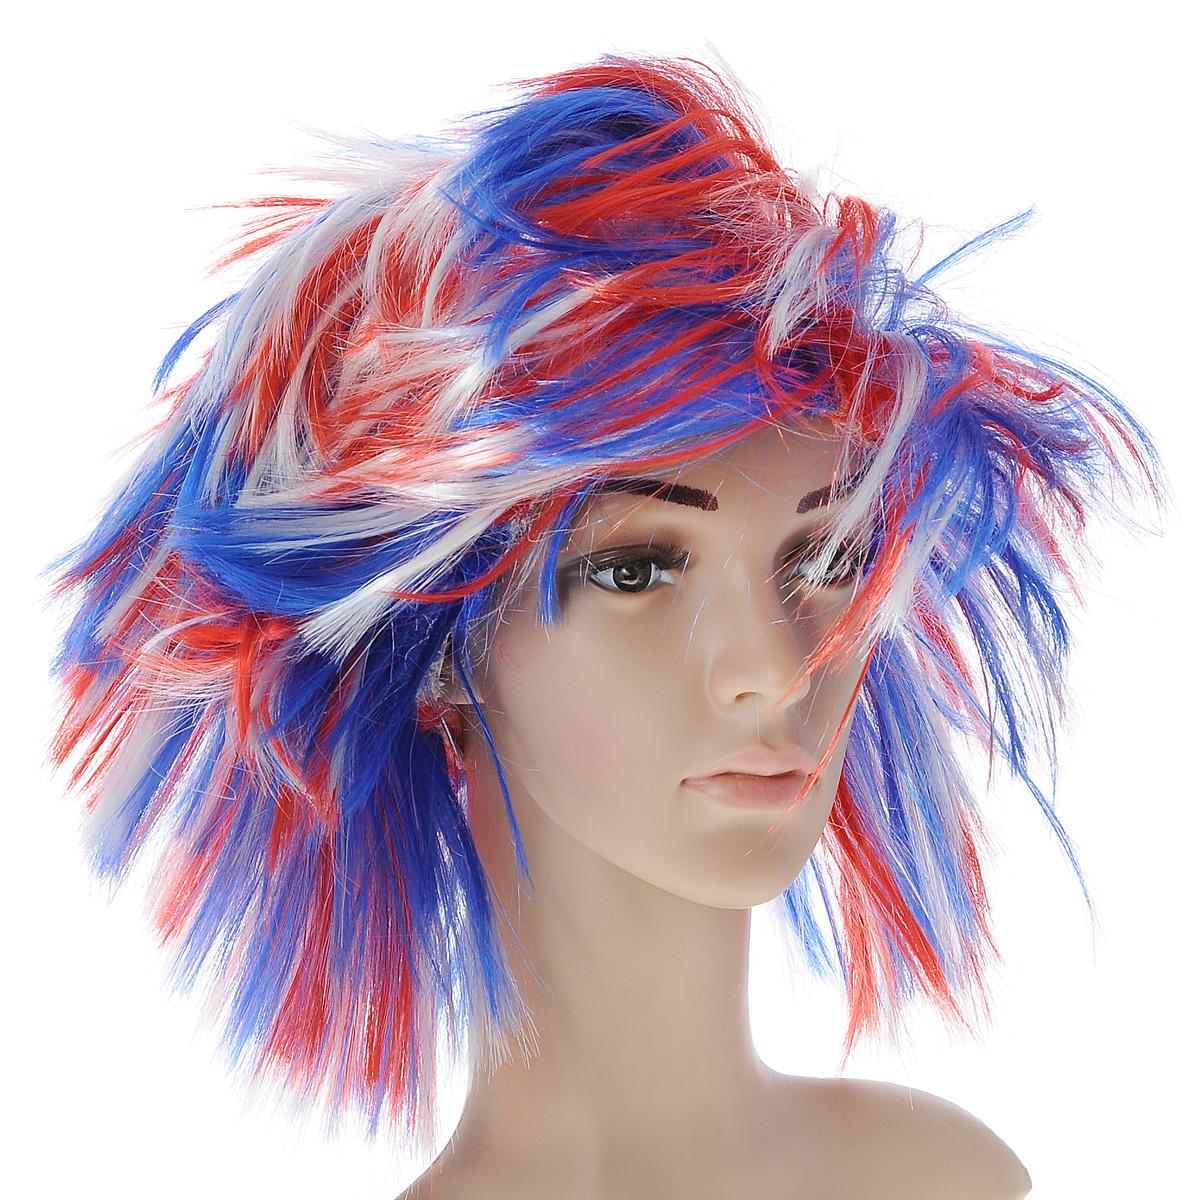 Парик маскарадный Феникс-презент Бунтарка, цвет: белый, синий, красный31209Маскарадный парик Феникс-презент Бунтарка выполнен из полиэстера и имеет разную длину прядей. В таком парике вы будете выглядеть просто великолепно. Веселое настроение и масса положительных эмоций вам будут обеспечены! Размер: универсальный. Максимальная длина волос: 15 см.